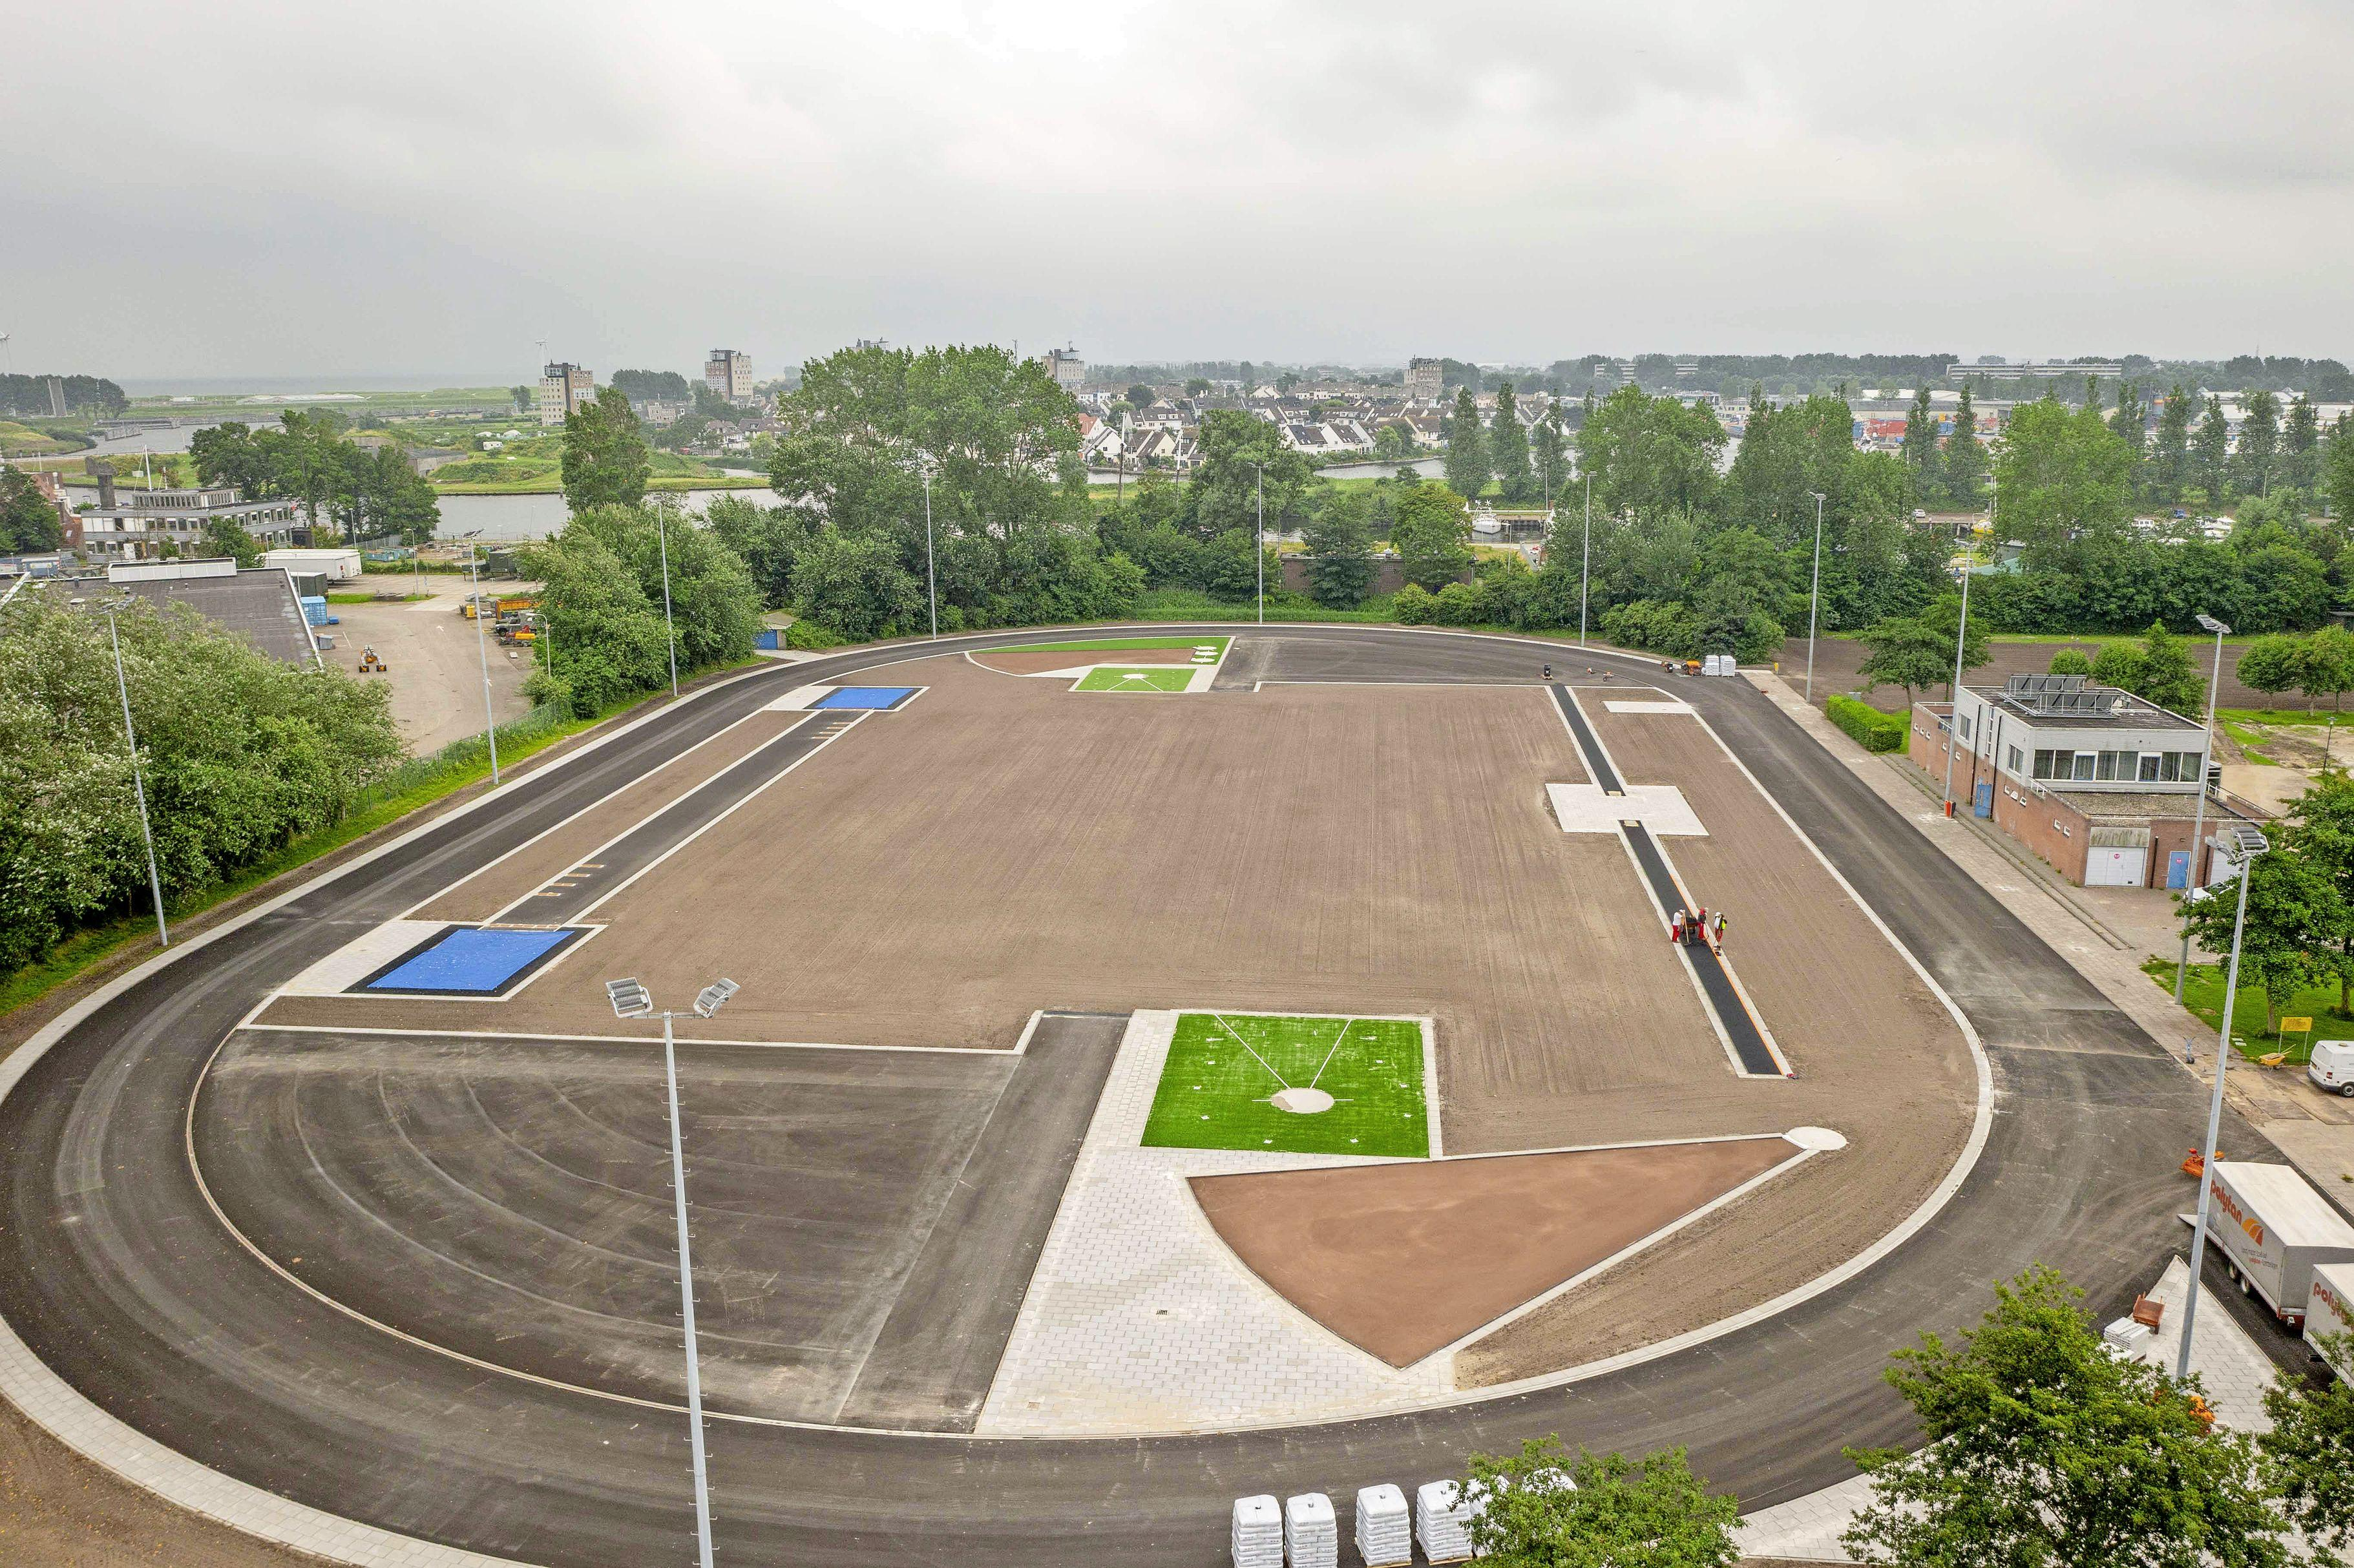 De renovatie van het voormalig Marine Sportpark schiet aardig op. Binnenkort mogen niet alleen lokale atletiekverenigingen er weer sporten, maar is het park ook geschikt voor landelijke wedstrijden